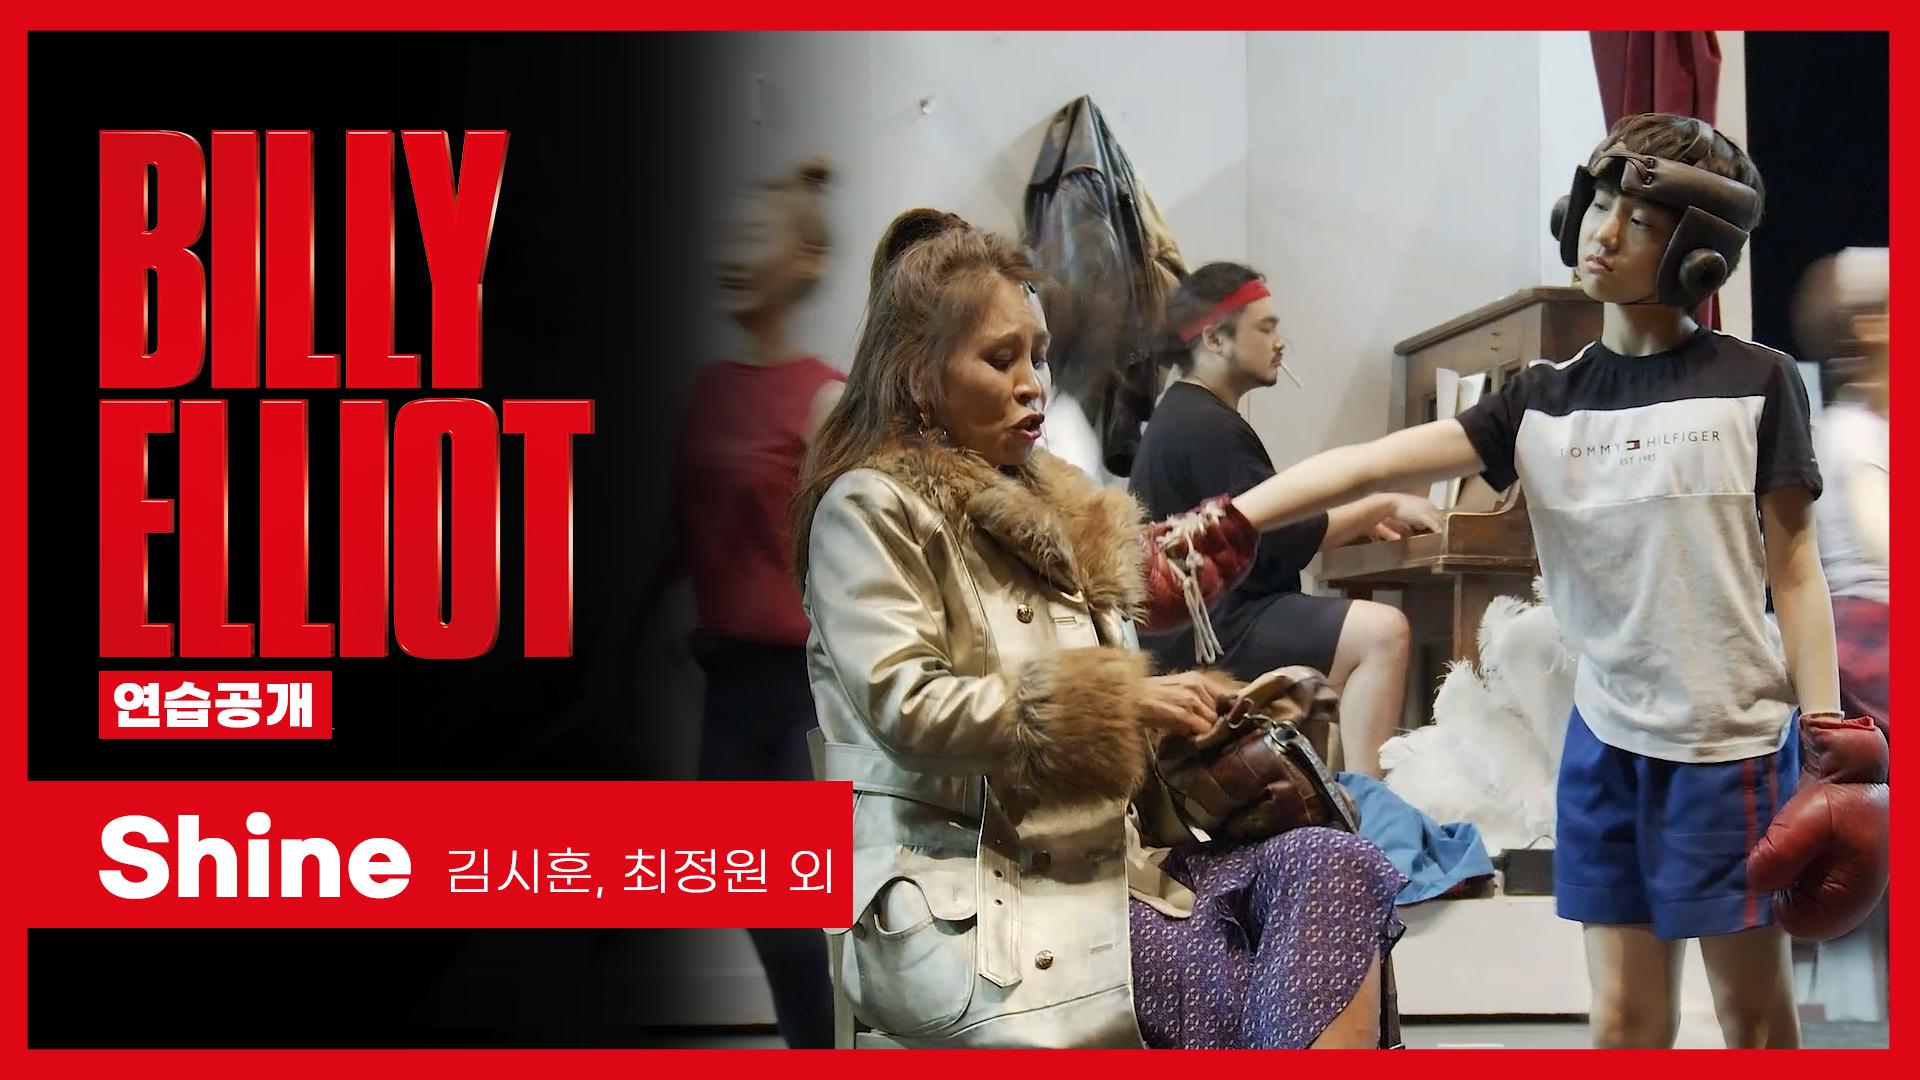 뮤지컬 '빌리 엘리어트' 2021 연습공개 'Shine' - 김시훈, 최정원 외